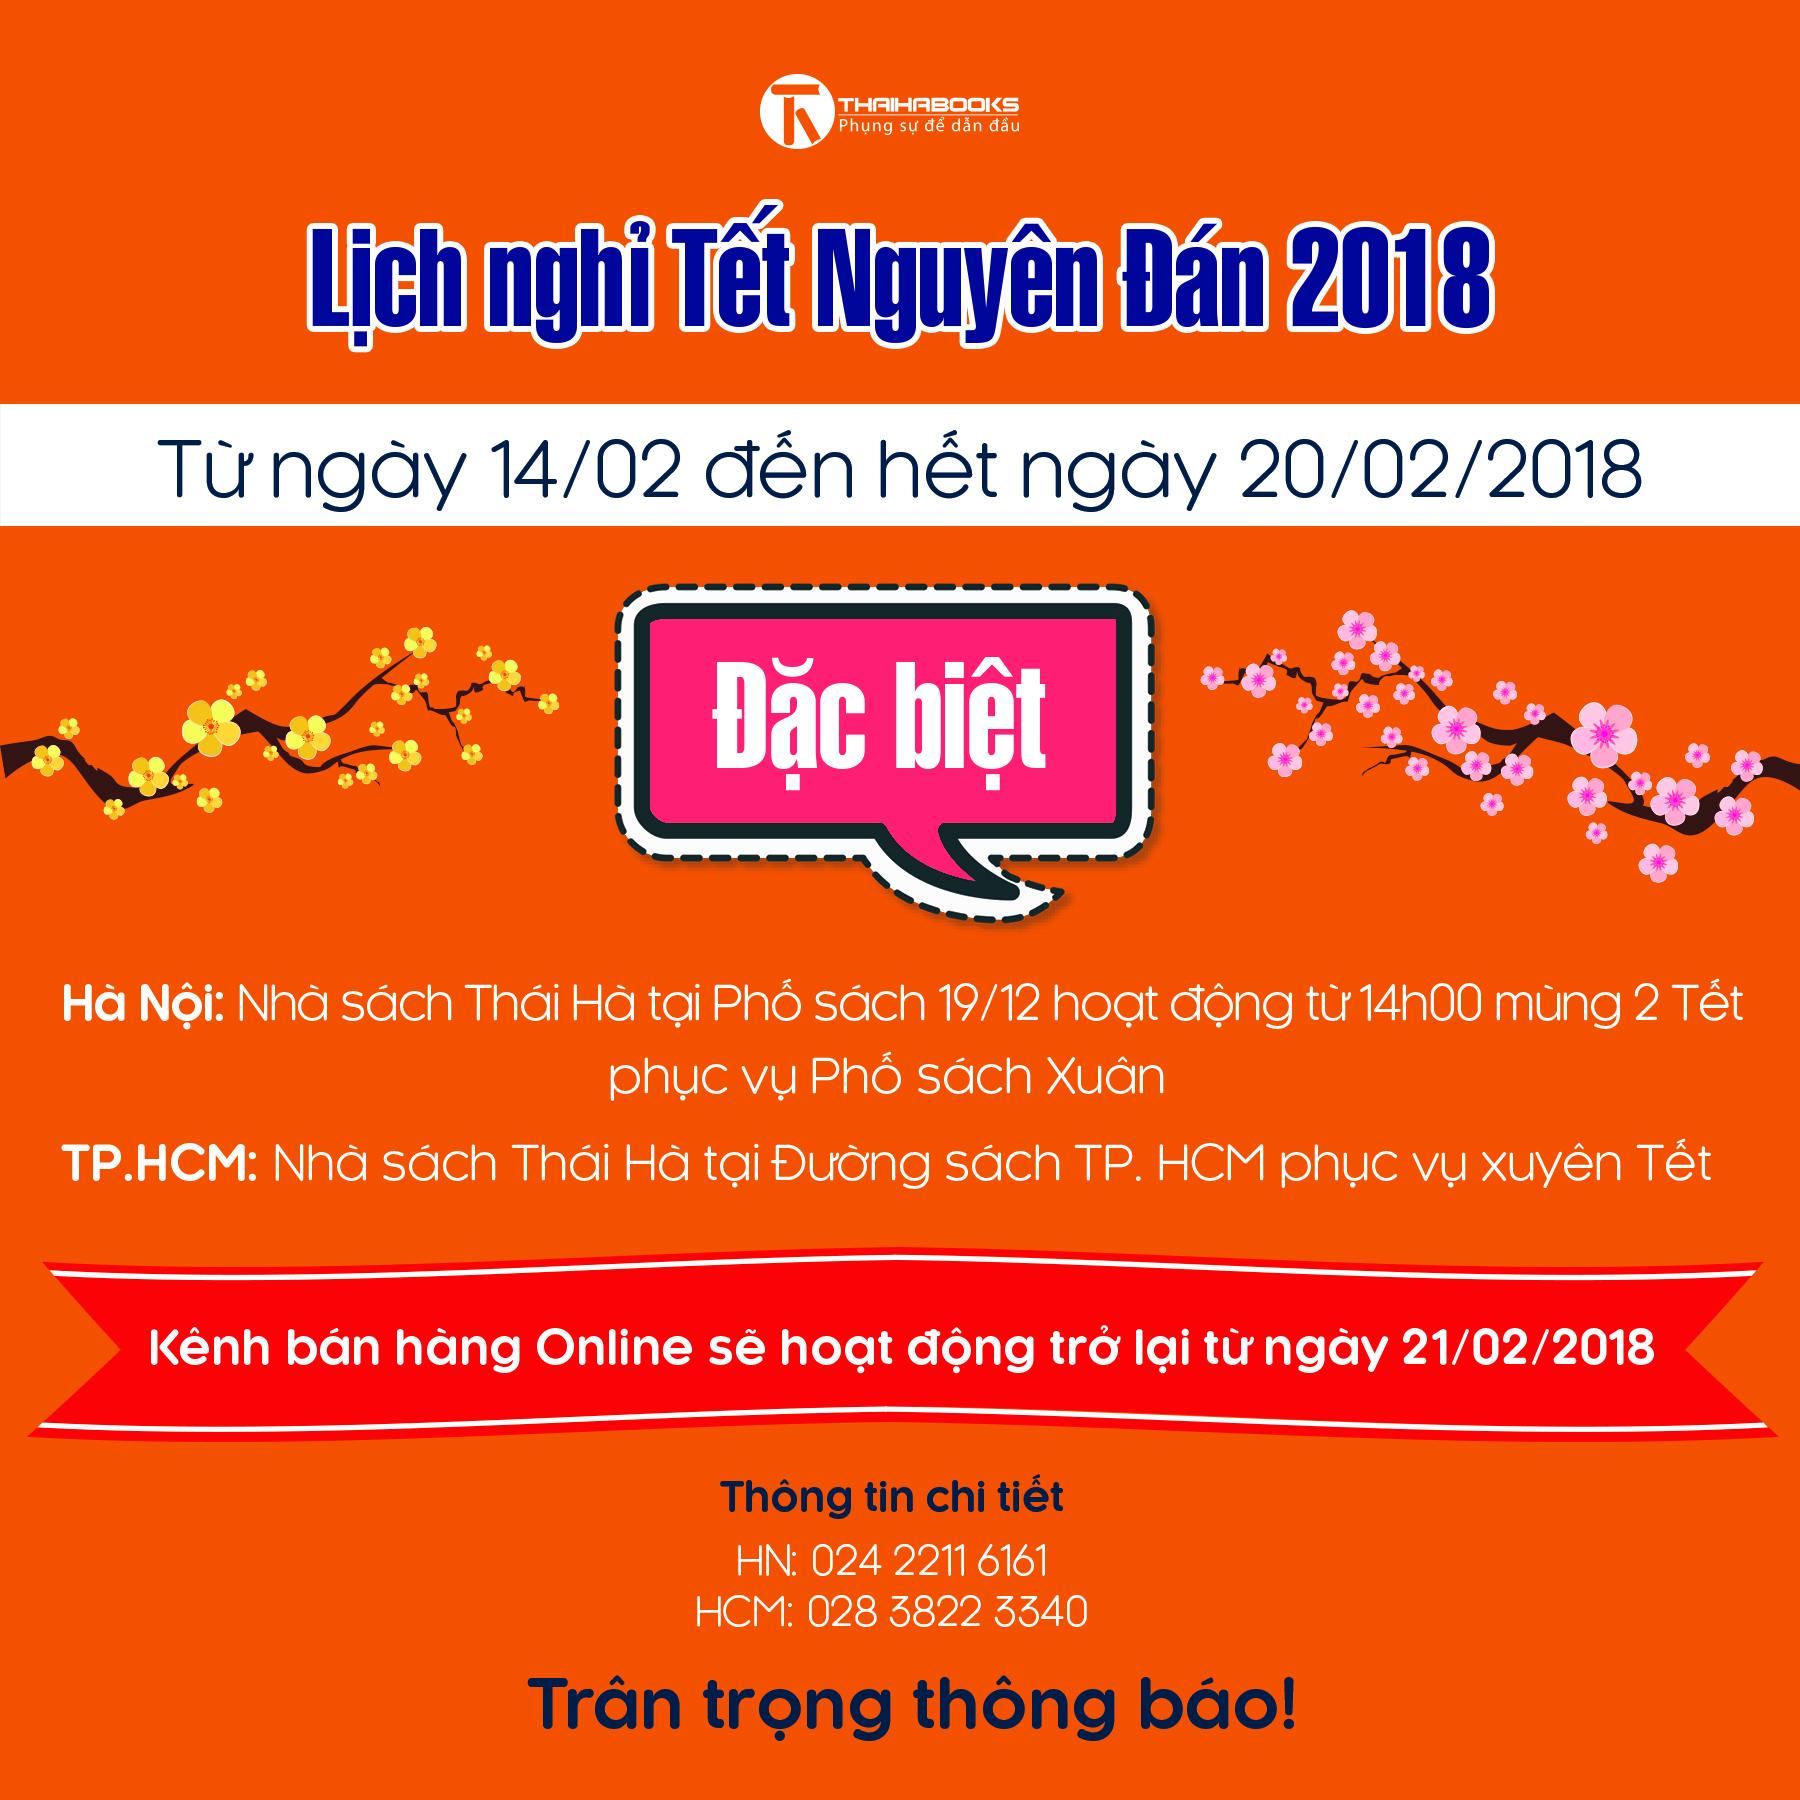 ThaiHaBooks – Thông báo lịch nghỉ Tết Nguyên Đán 2018